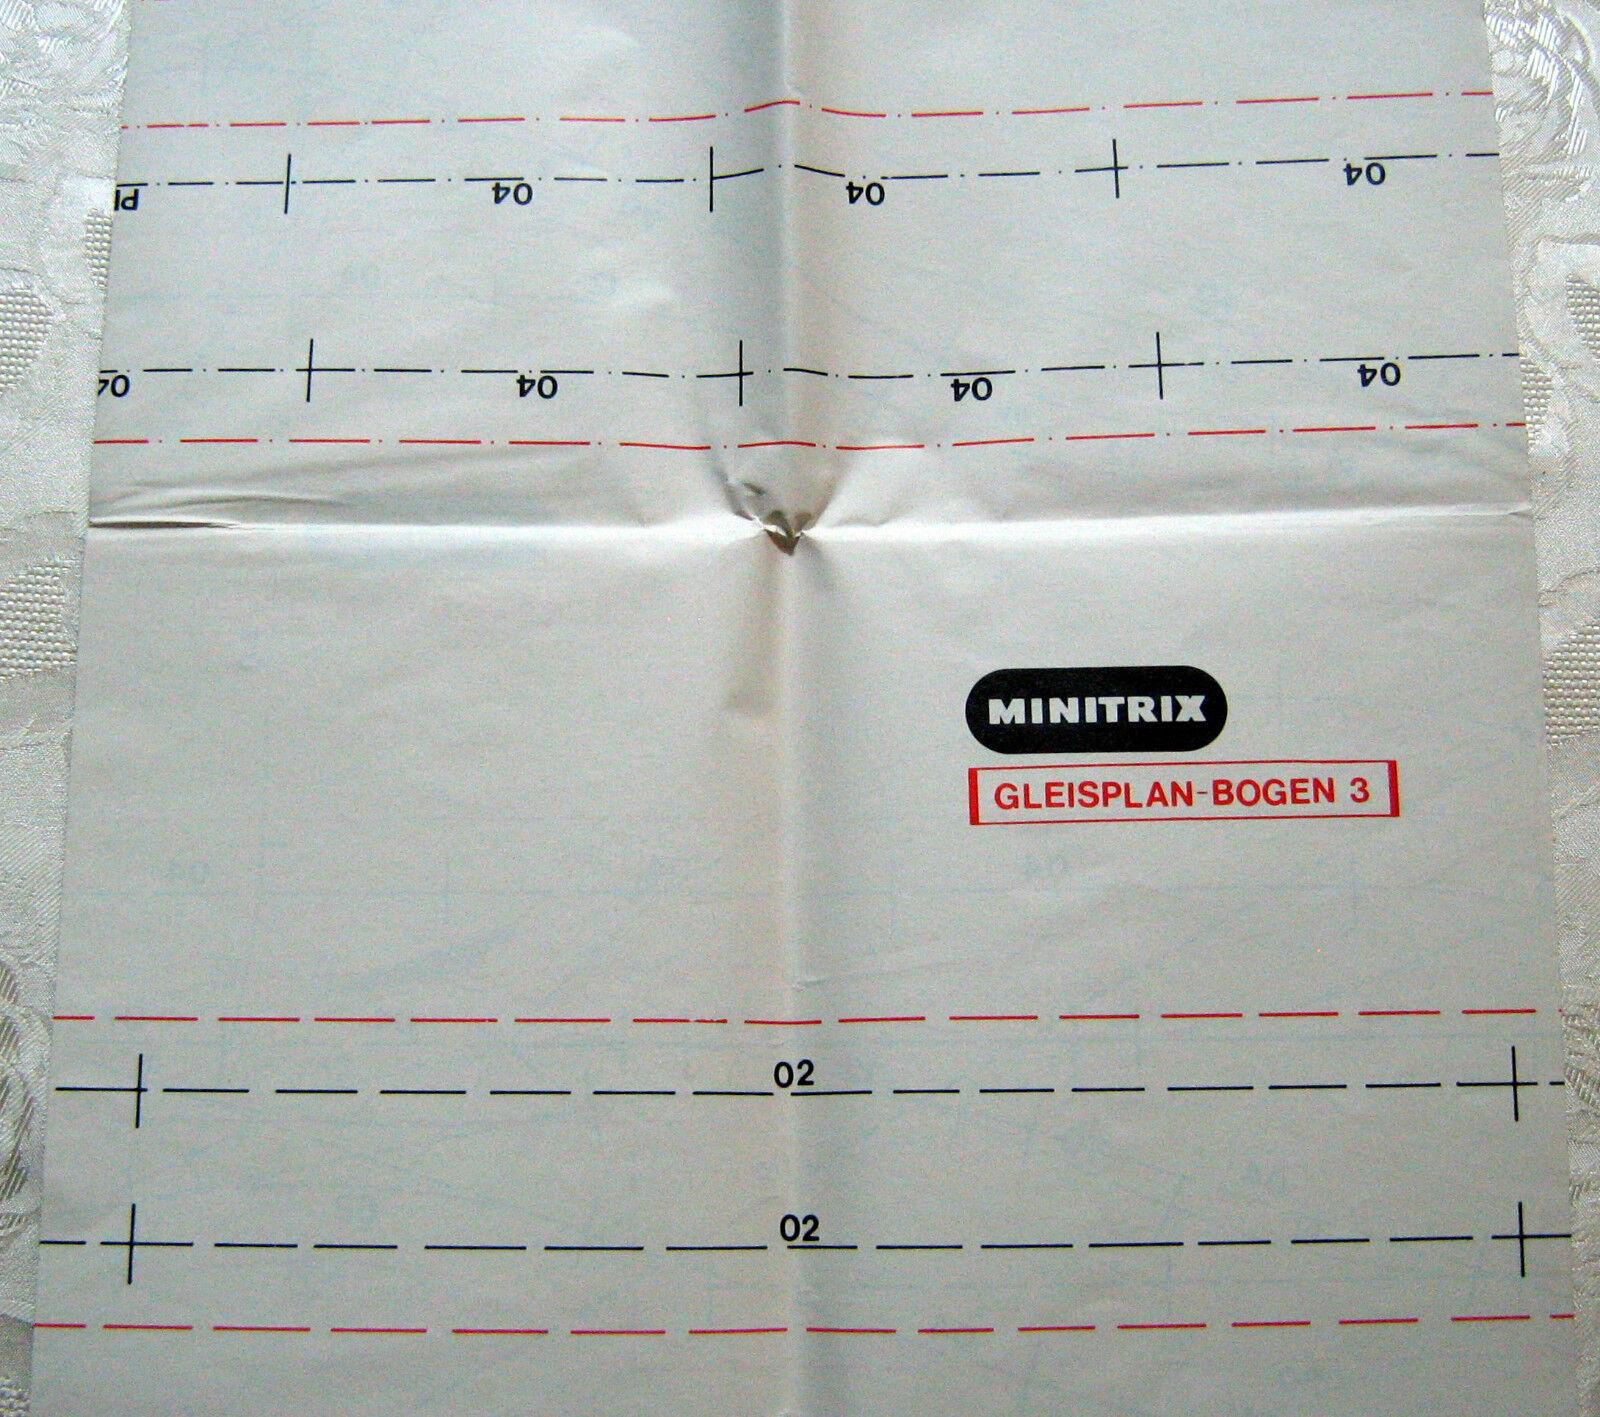 Minitrix Spur N Gleispläne Gleisplanbogen 1 2 3 4  | Verrückter Preis